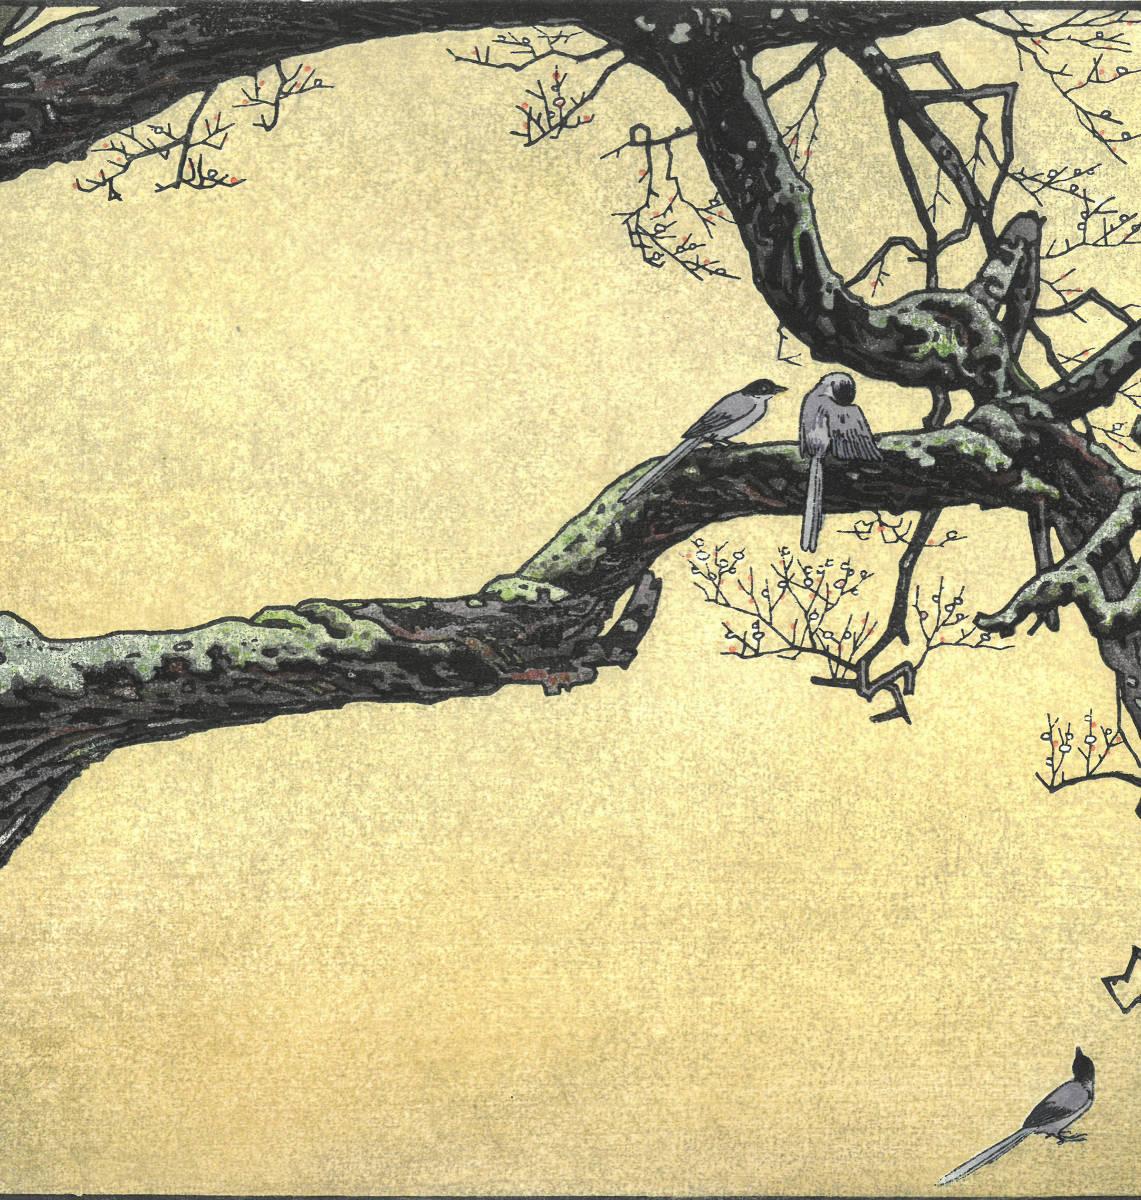 吉田遠志 木版画 015106 数珠かけの梅 (Plum tree & Blue Magpie) 初摺1951年  最高峰の摺師の技をご堪能下さい!!_画像7